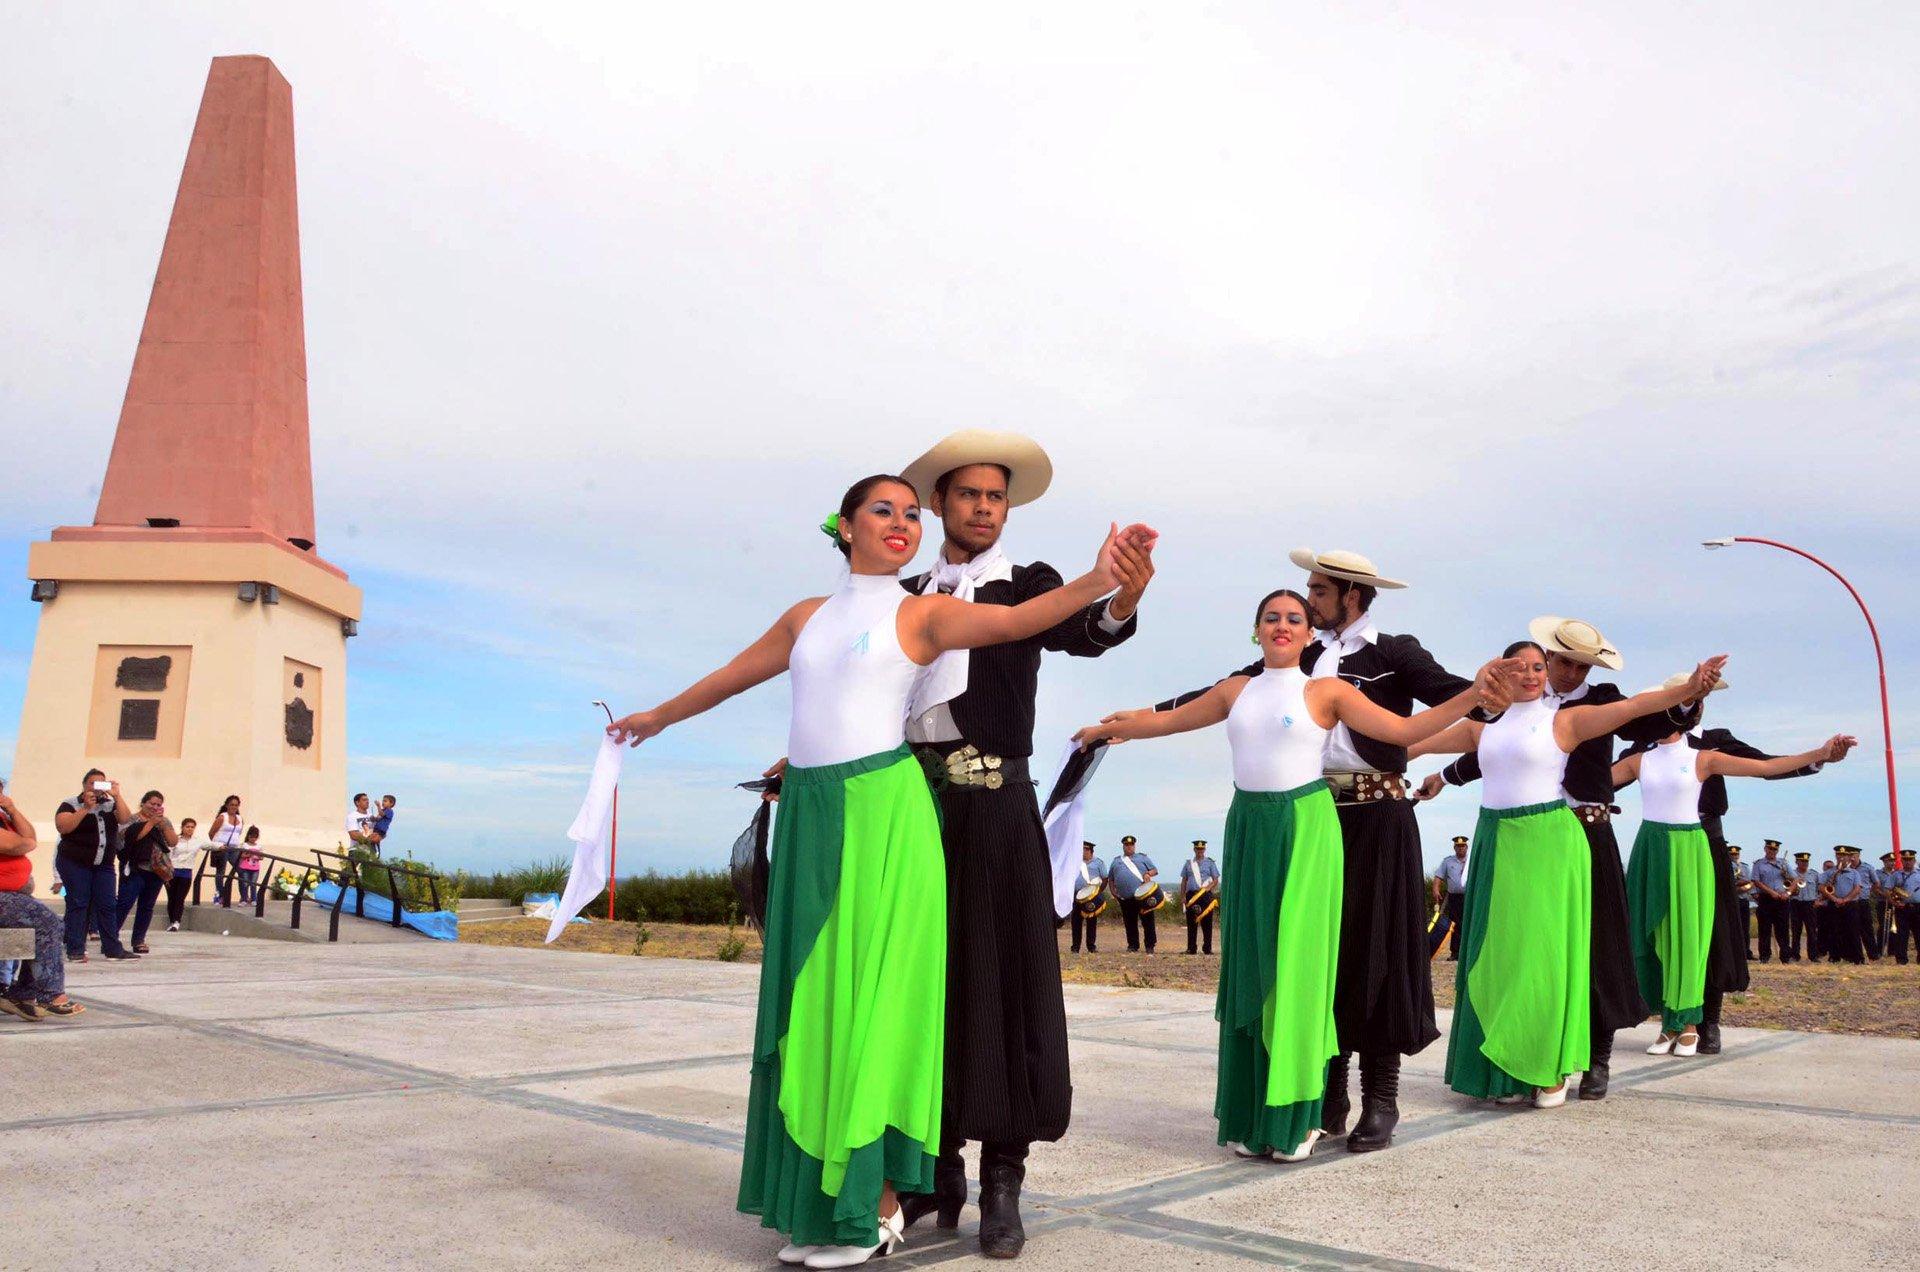 Las ciudades hermanas de Carmen de Patagones y Viedma, ubicadas sobre las márgenes del río Negro, festejaron juntas hoy un nuevo aniversario del Combate del Cerro de la Caballada